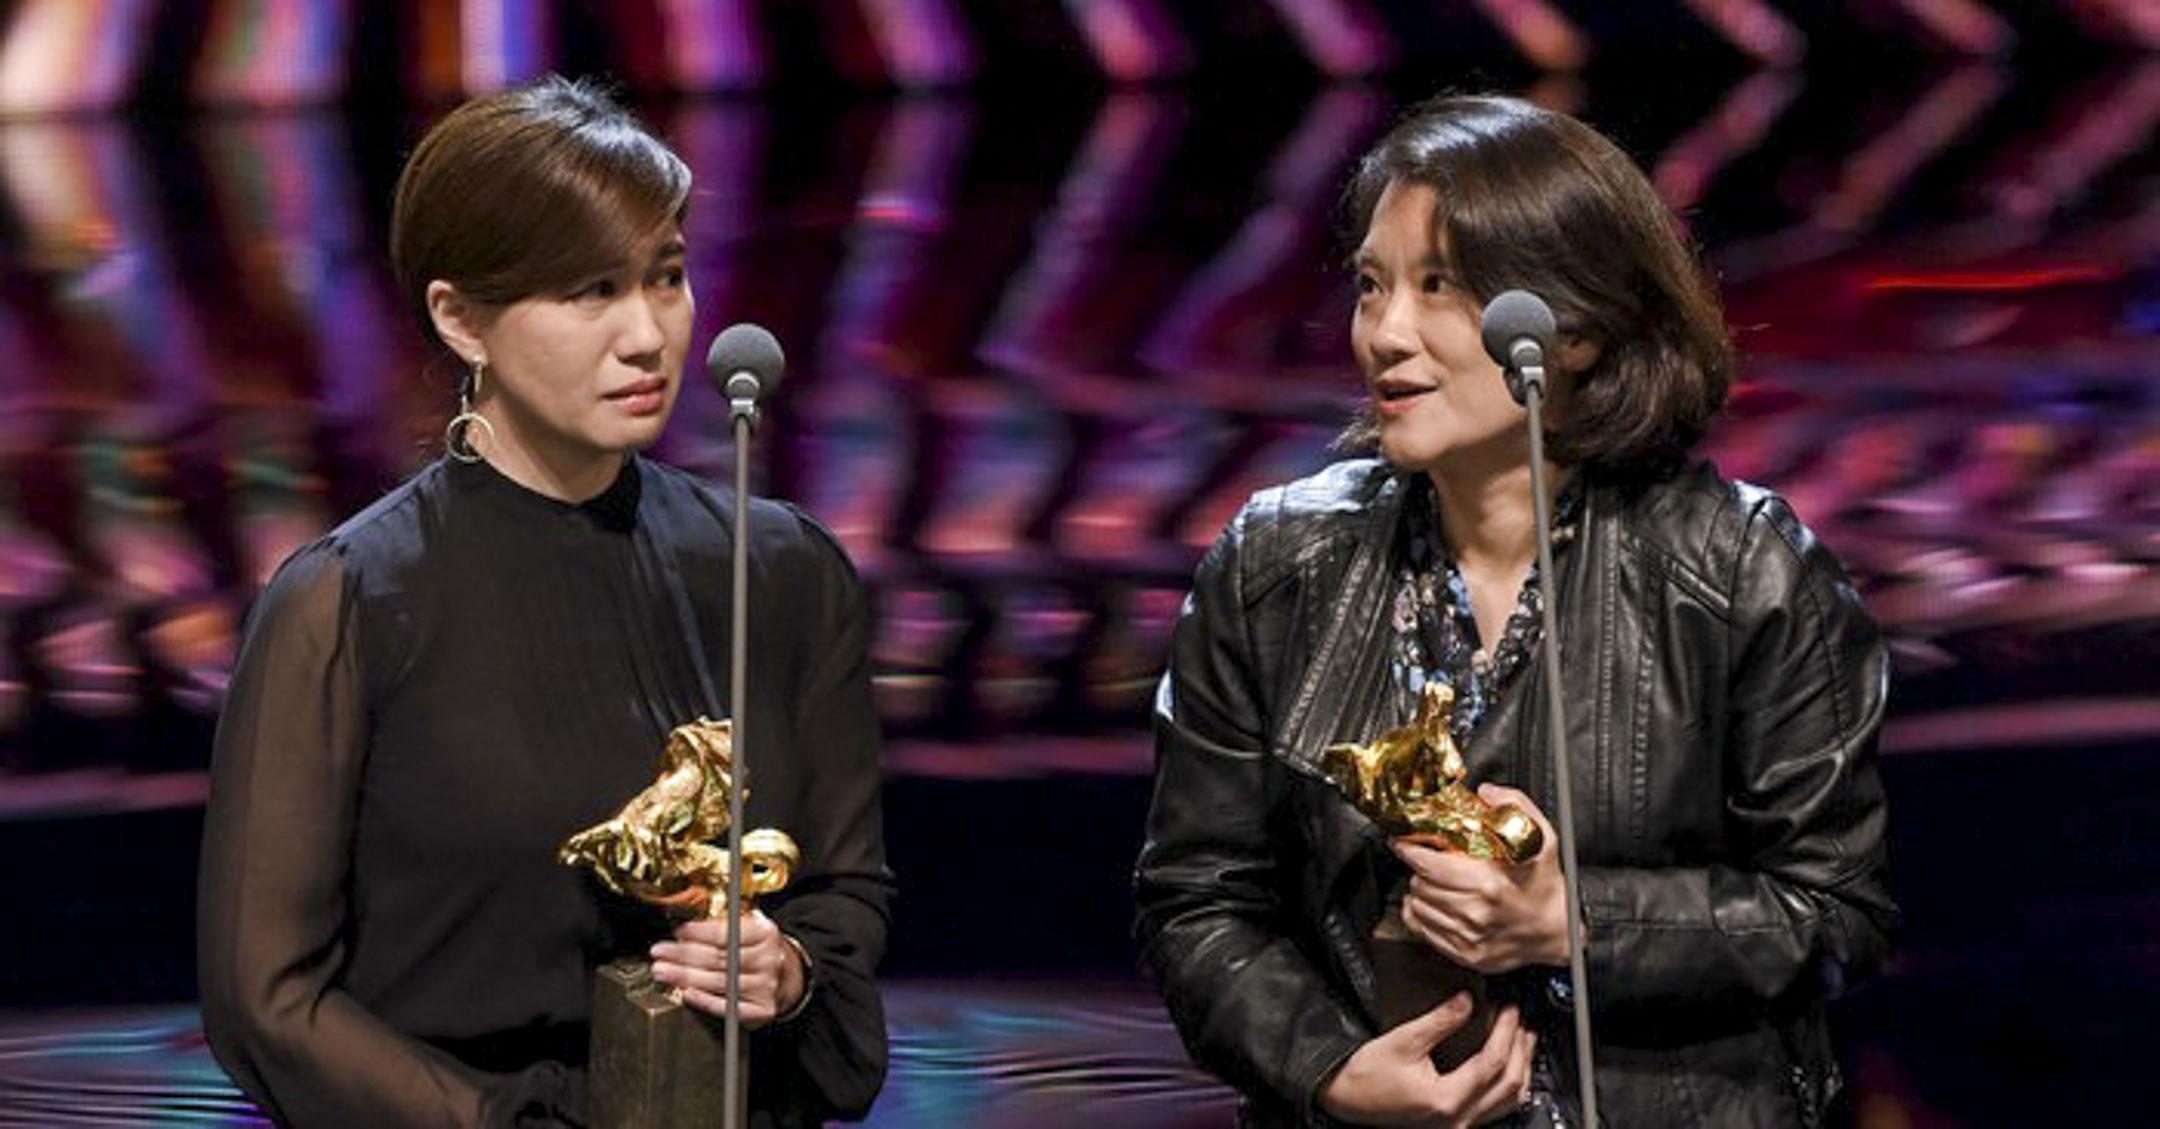 《我們的青春在台灣》得到金馬獎「最佳紀錄片」,導演傅榆與製片人洪廷儀發表獲獎感言。 網上圖片